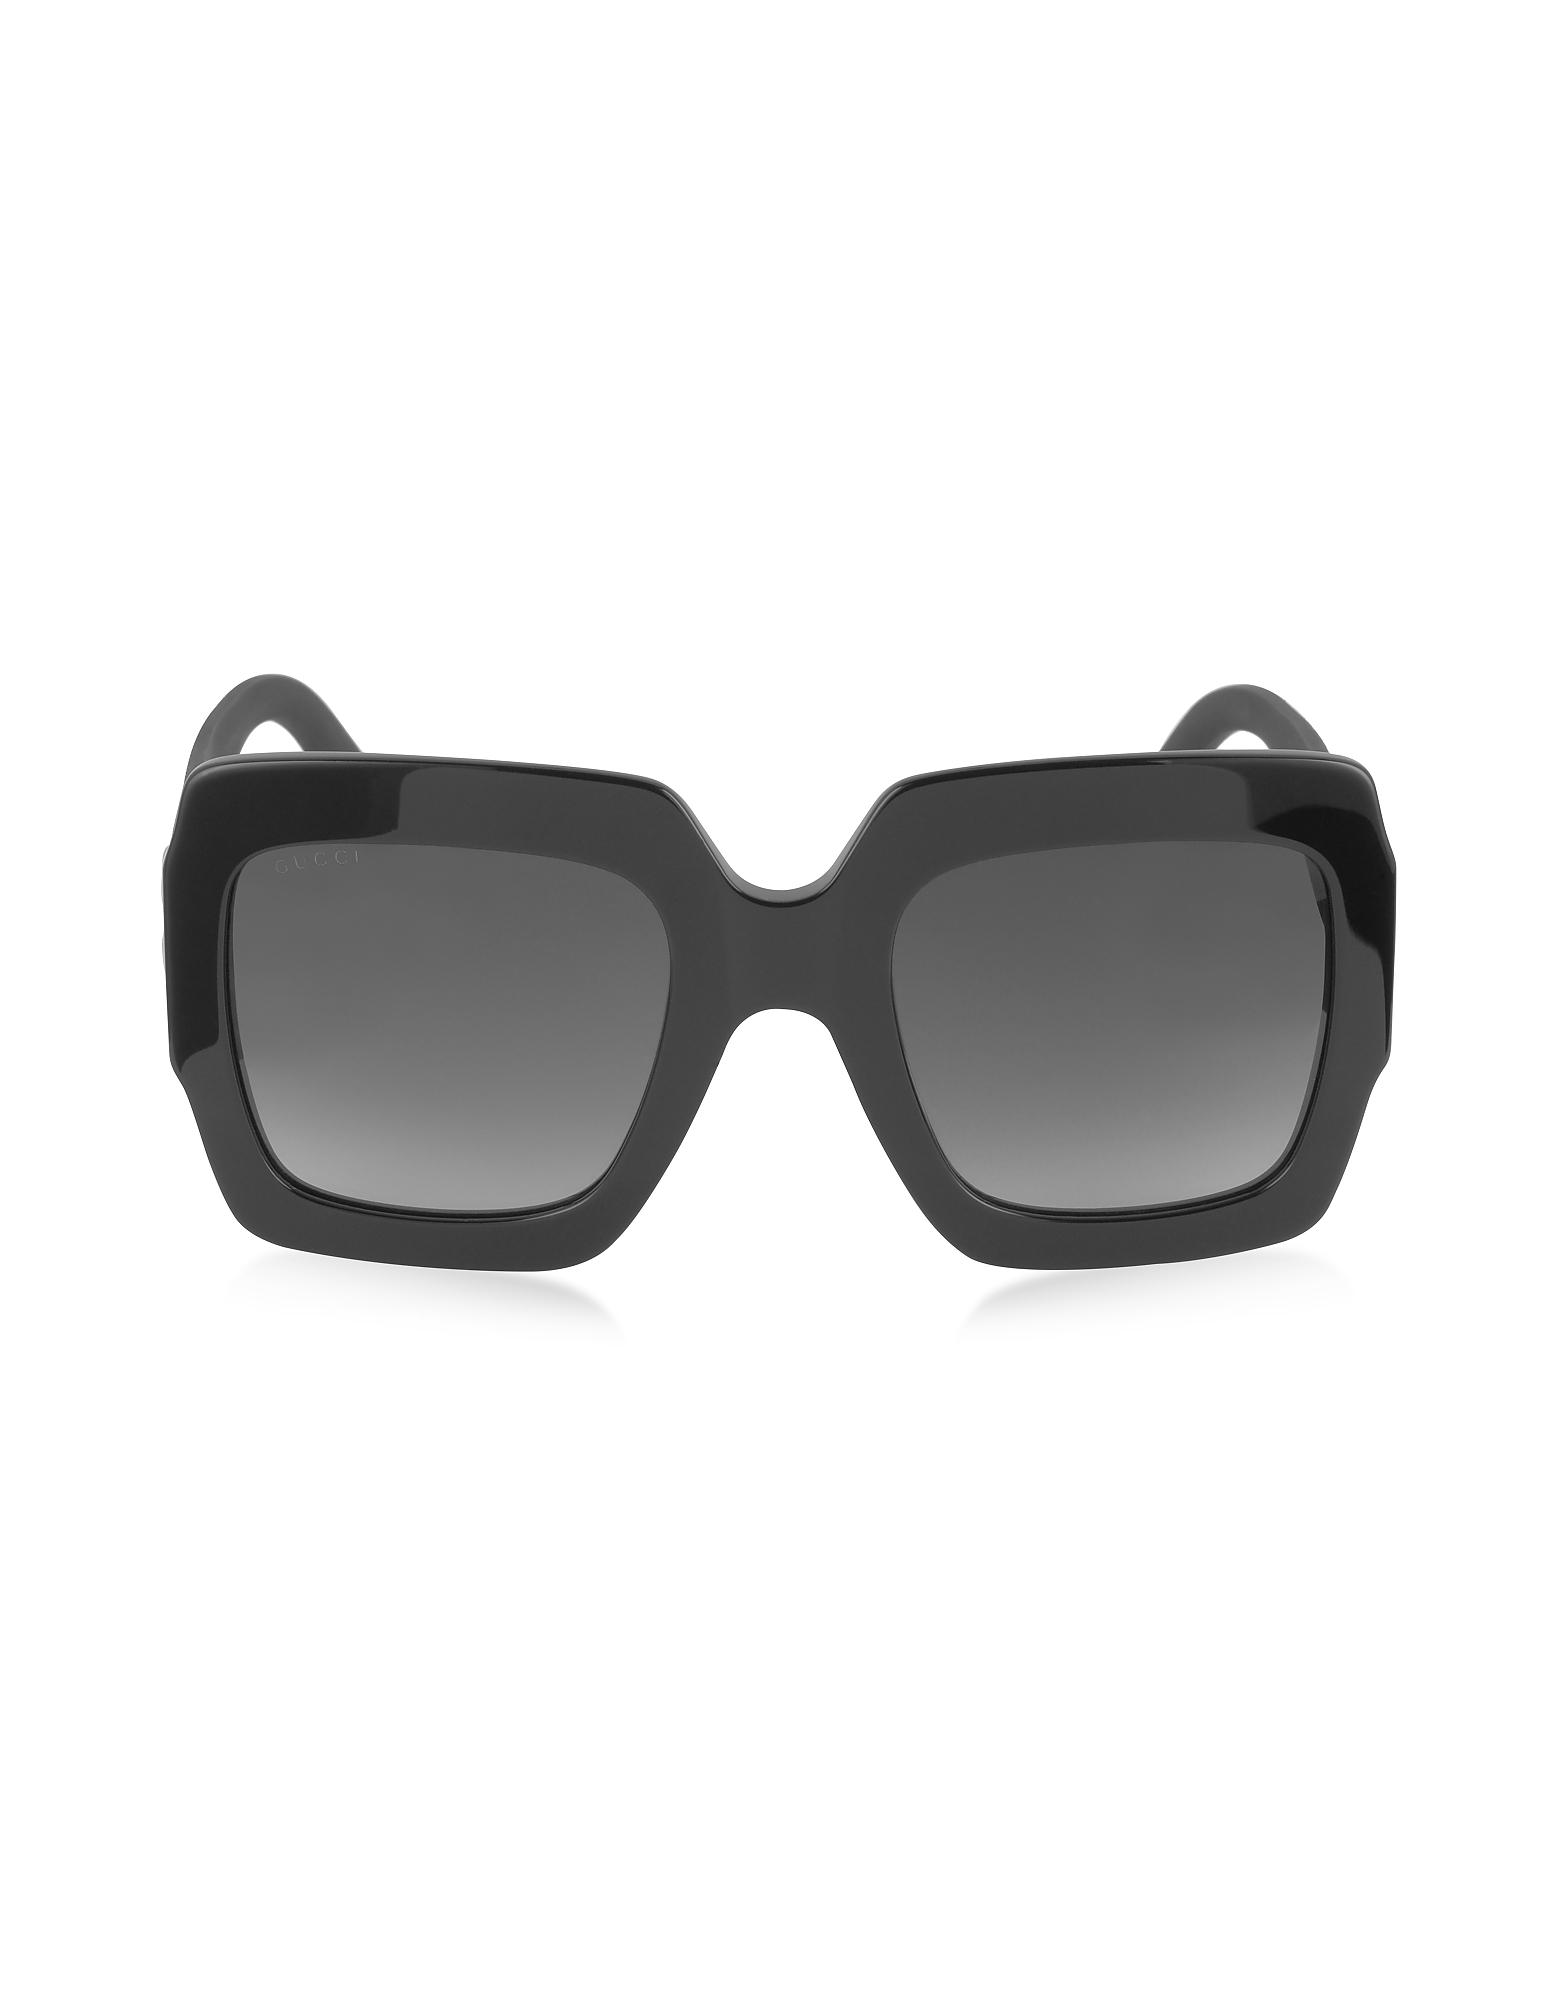 GG0053S - Оптиловые Квадратные Женские Солнечные Очки с Блестящими Дужками